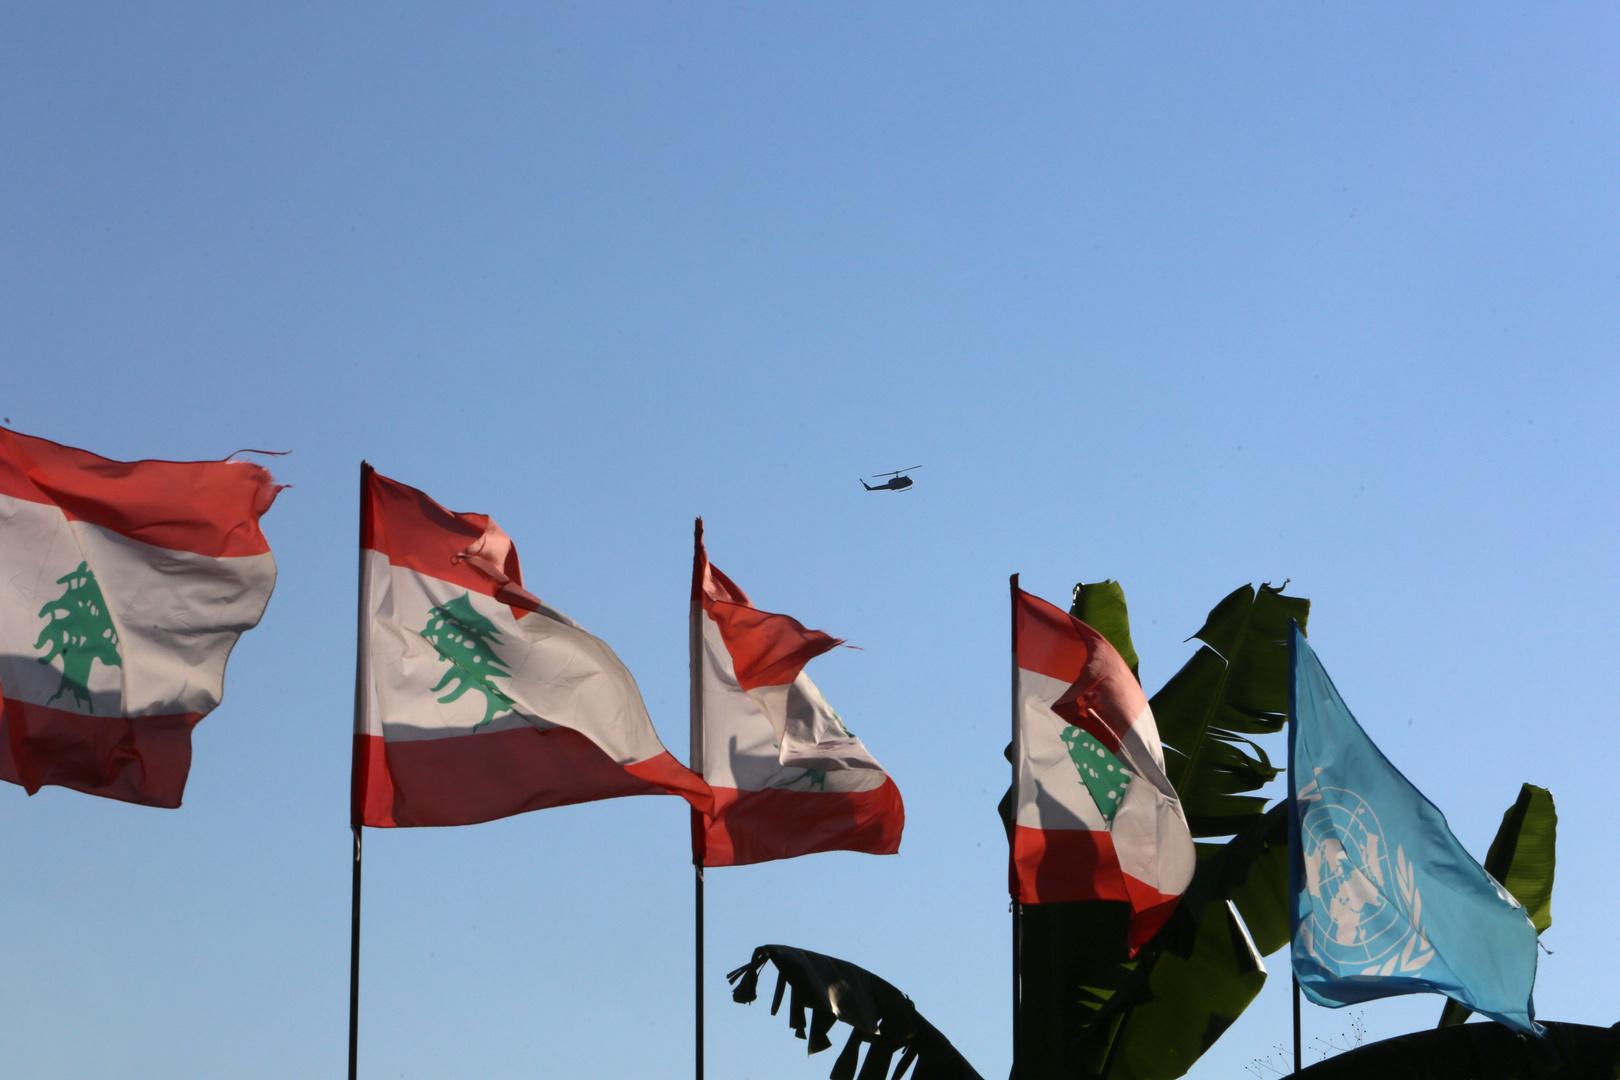 جيش لبنان يتهم القوات الإسرائيلية بالإقدام على انتهاكات حدوده الجوية والبحرية